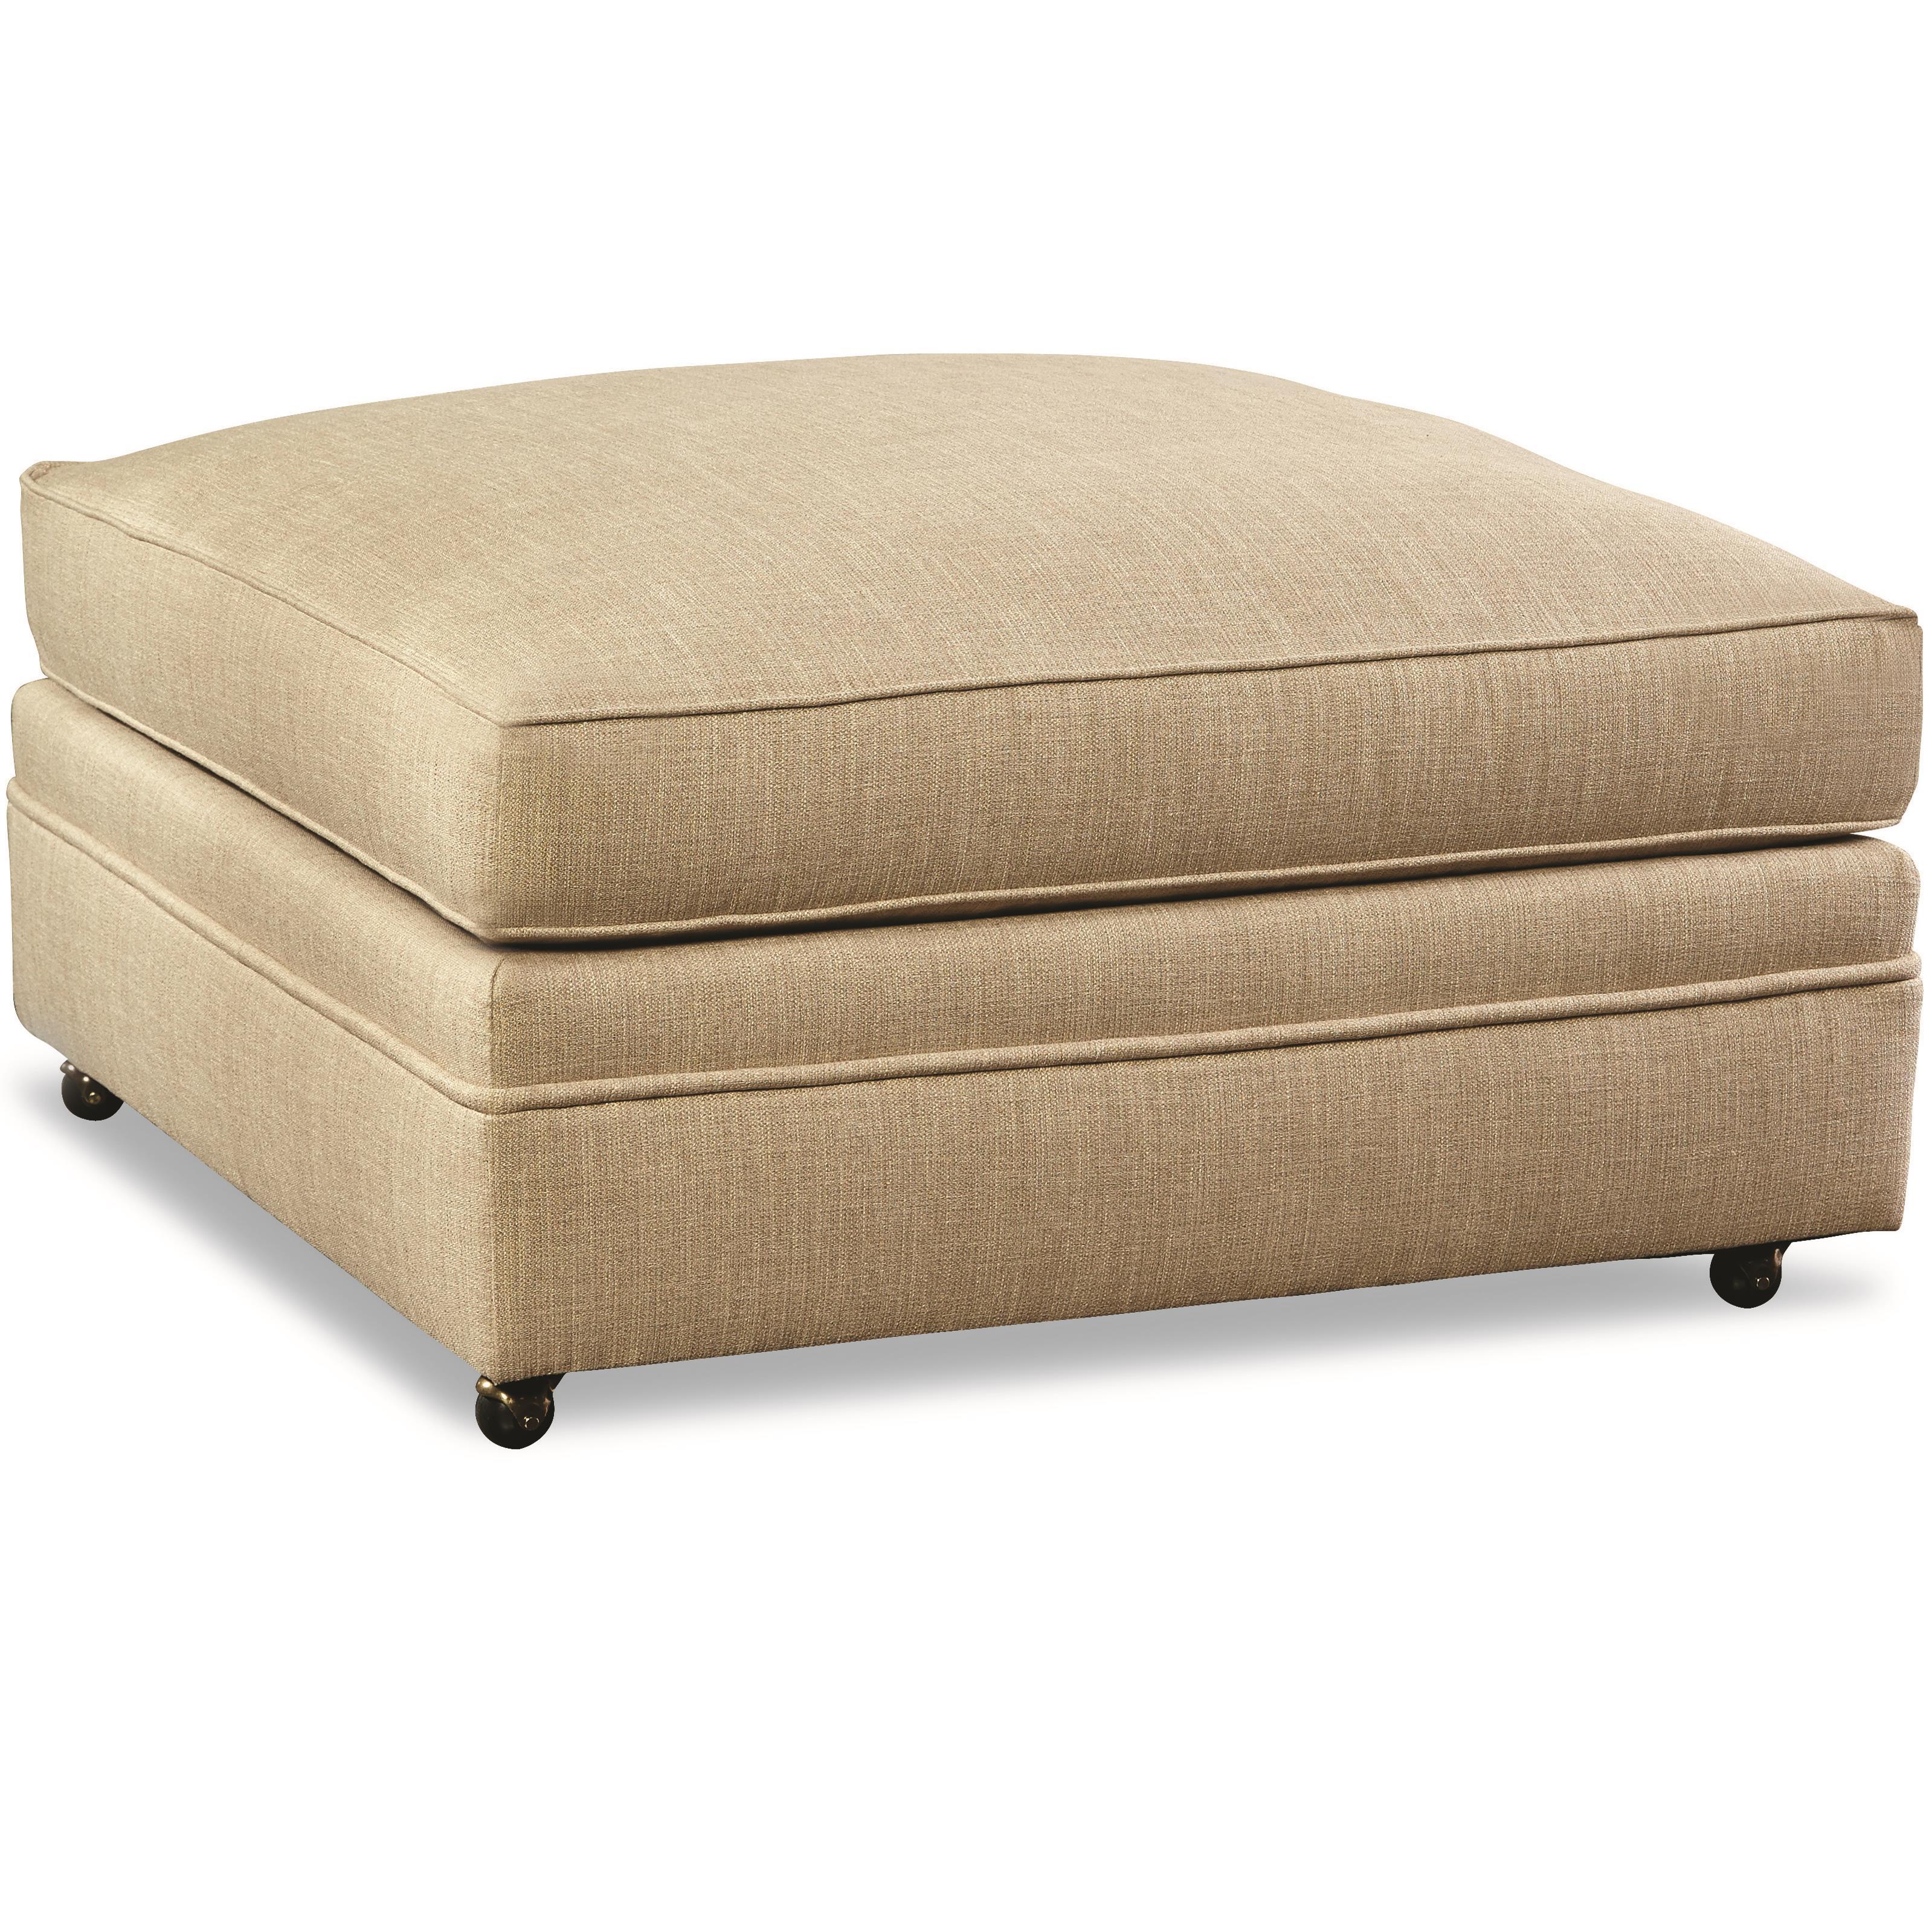 7100 Ottoman by Geoffrey Alexander at Sprintz Furniture